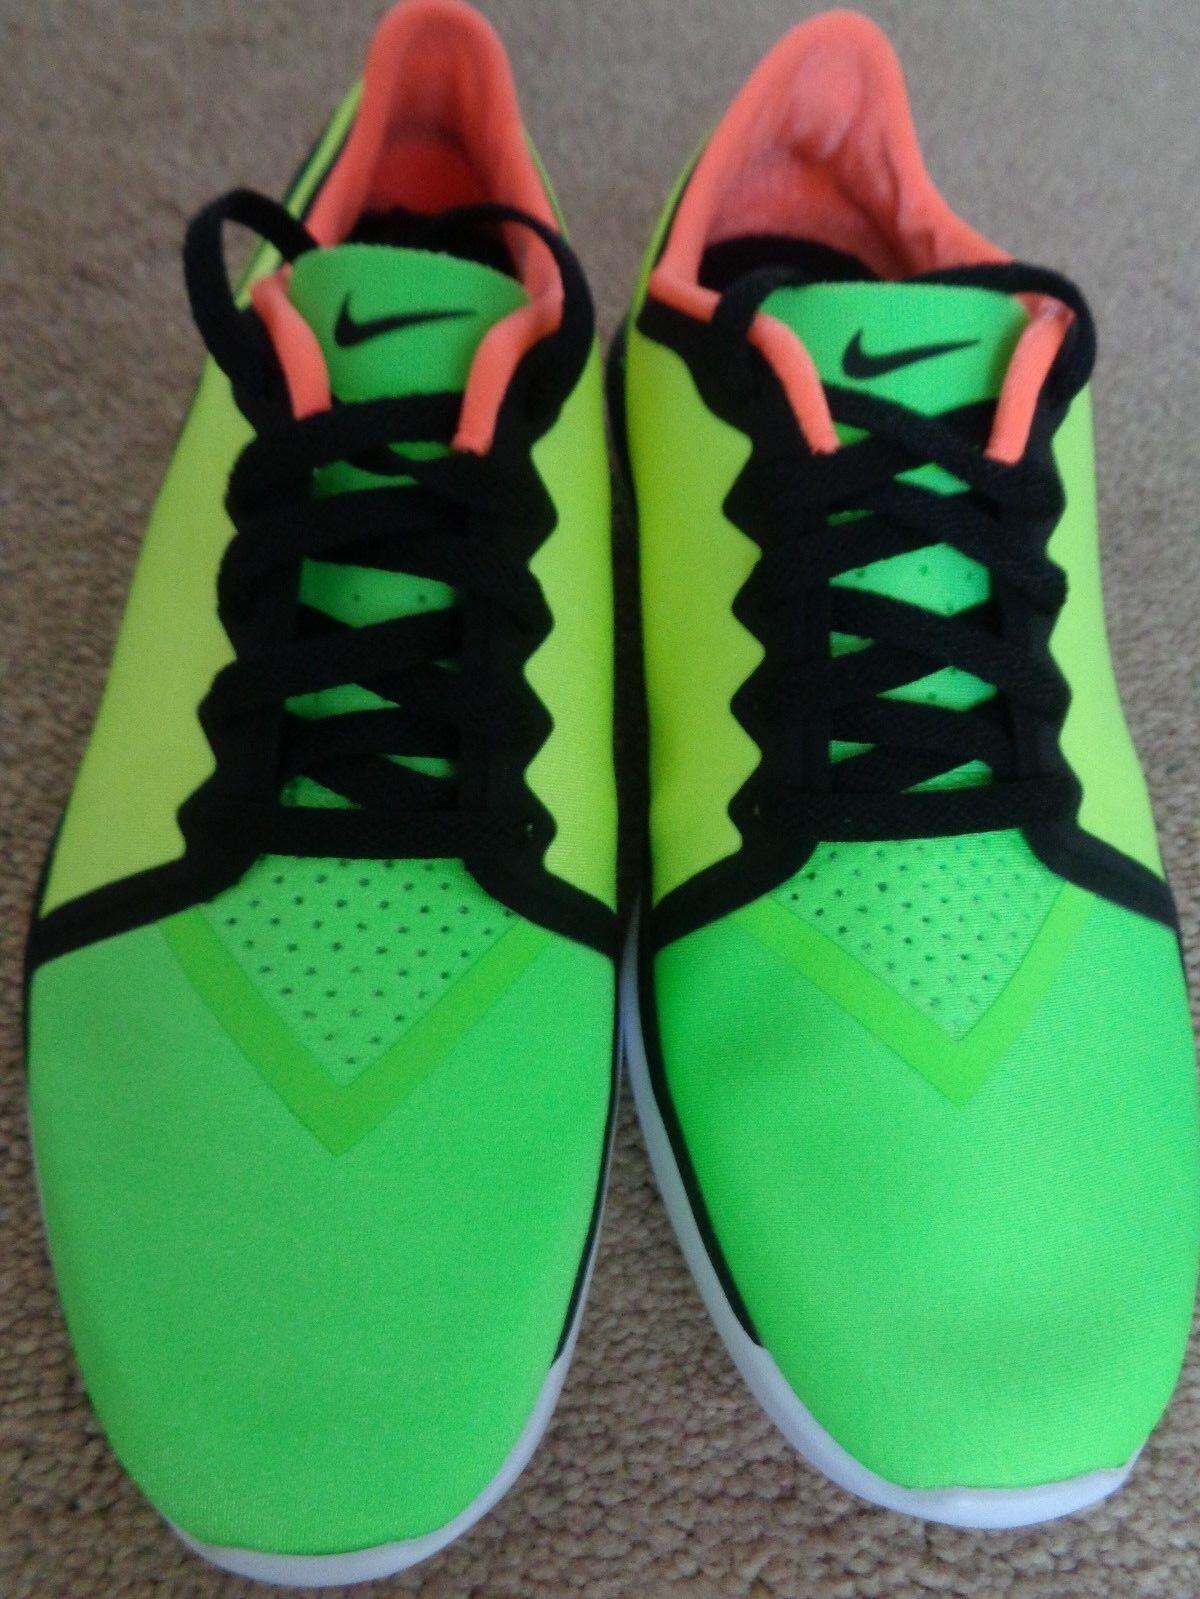 Nike Lunar esculpir para mujer Zapatillas Sneakers zapatos 818062 300 Nuevo + Caja